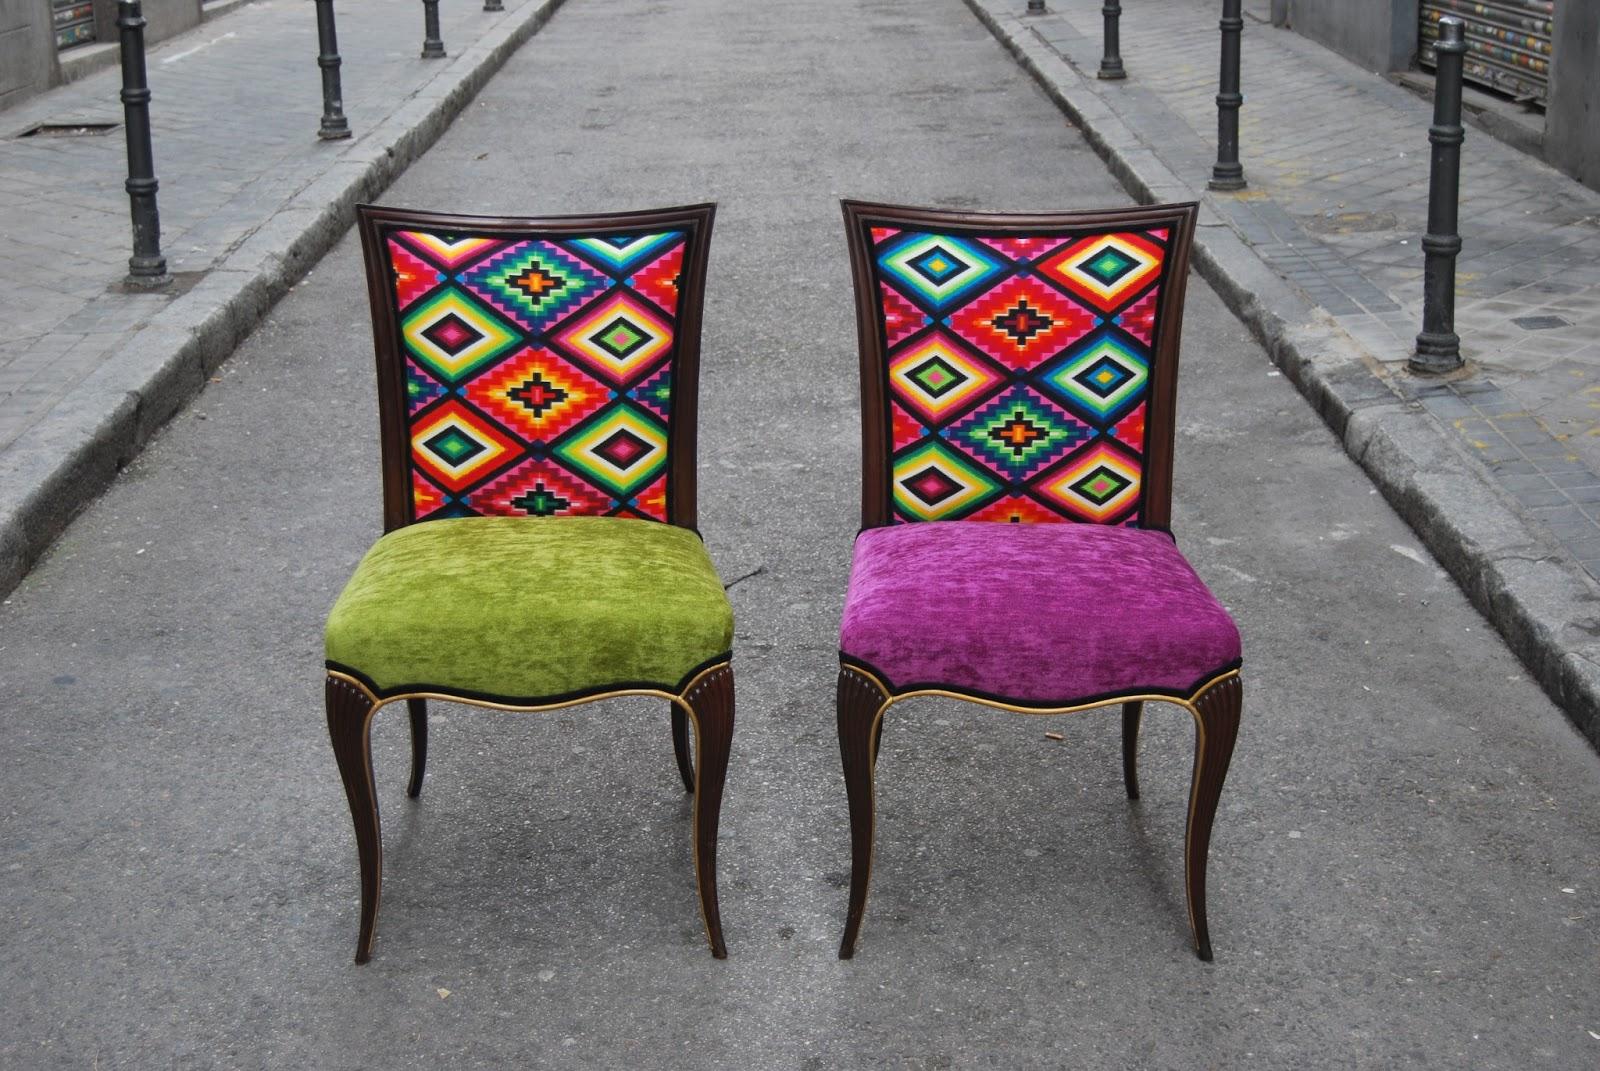 sillas tapizadas con tela de motivos mejicanos